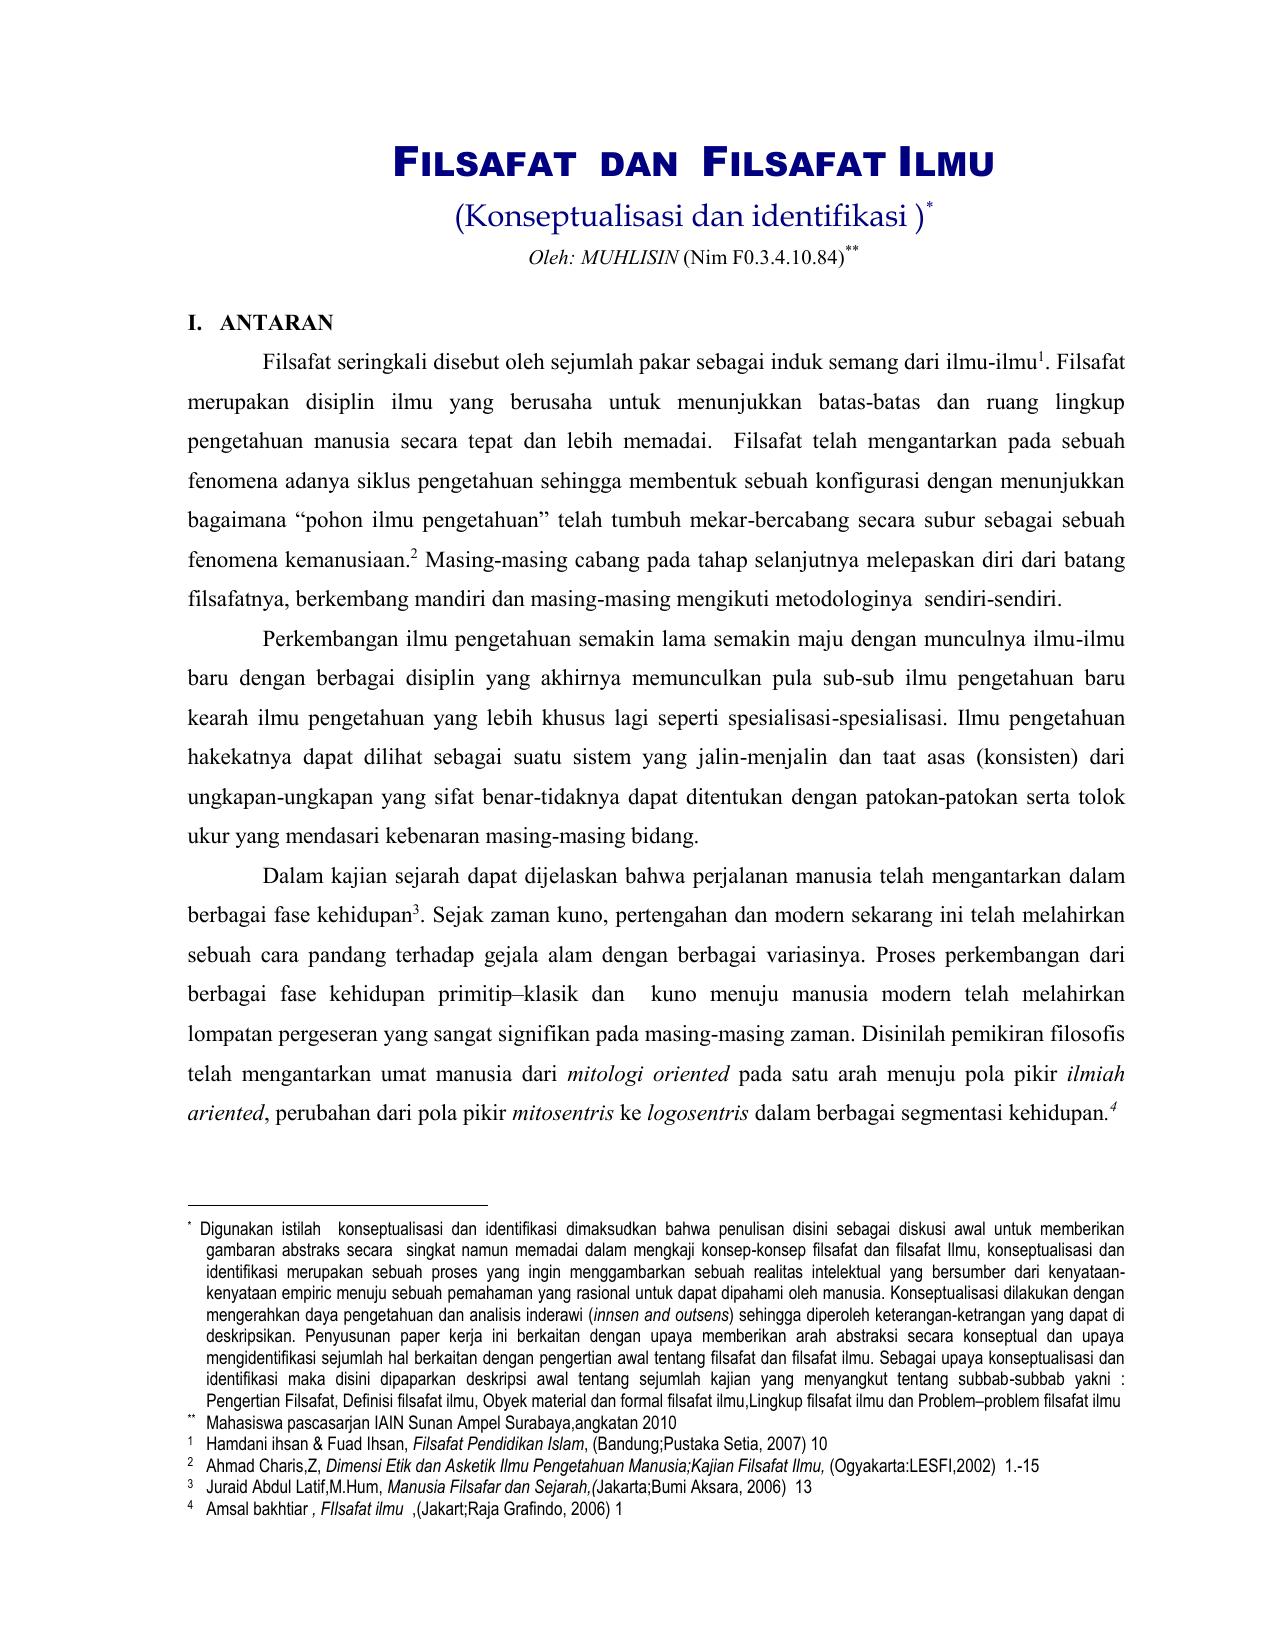 Metode Ilmiah Dalam Filsafat Ilmu Ebook